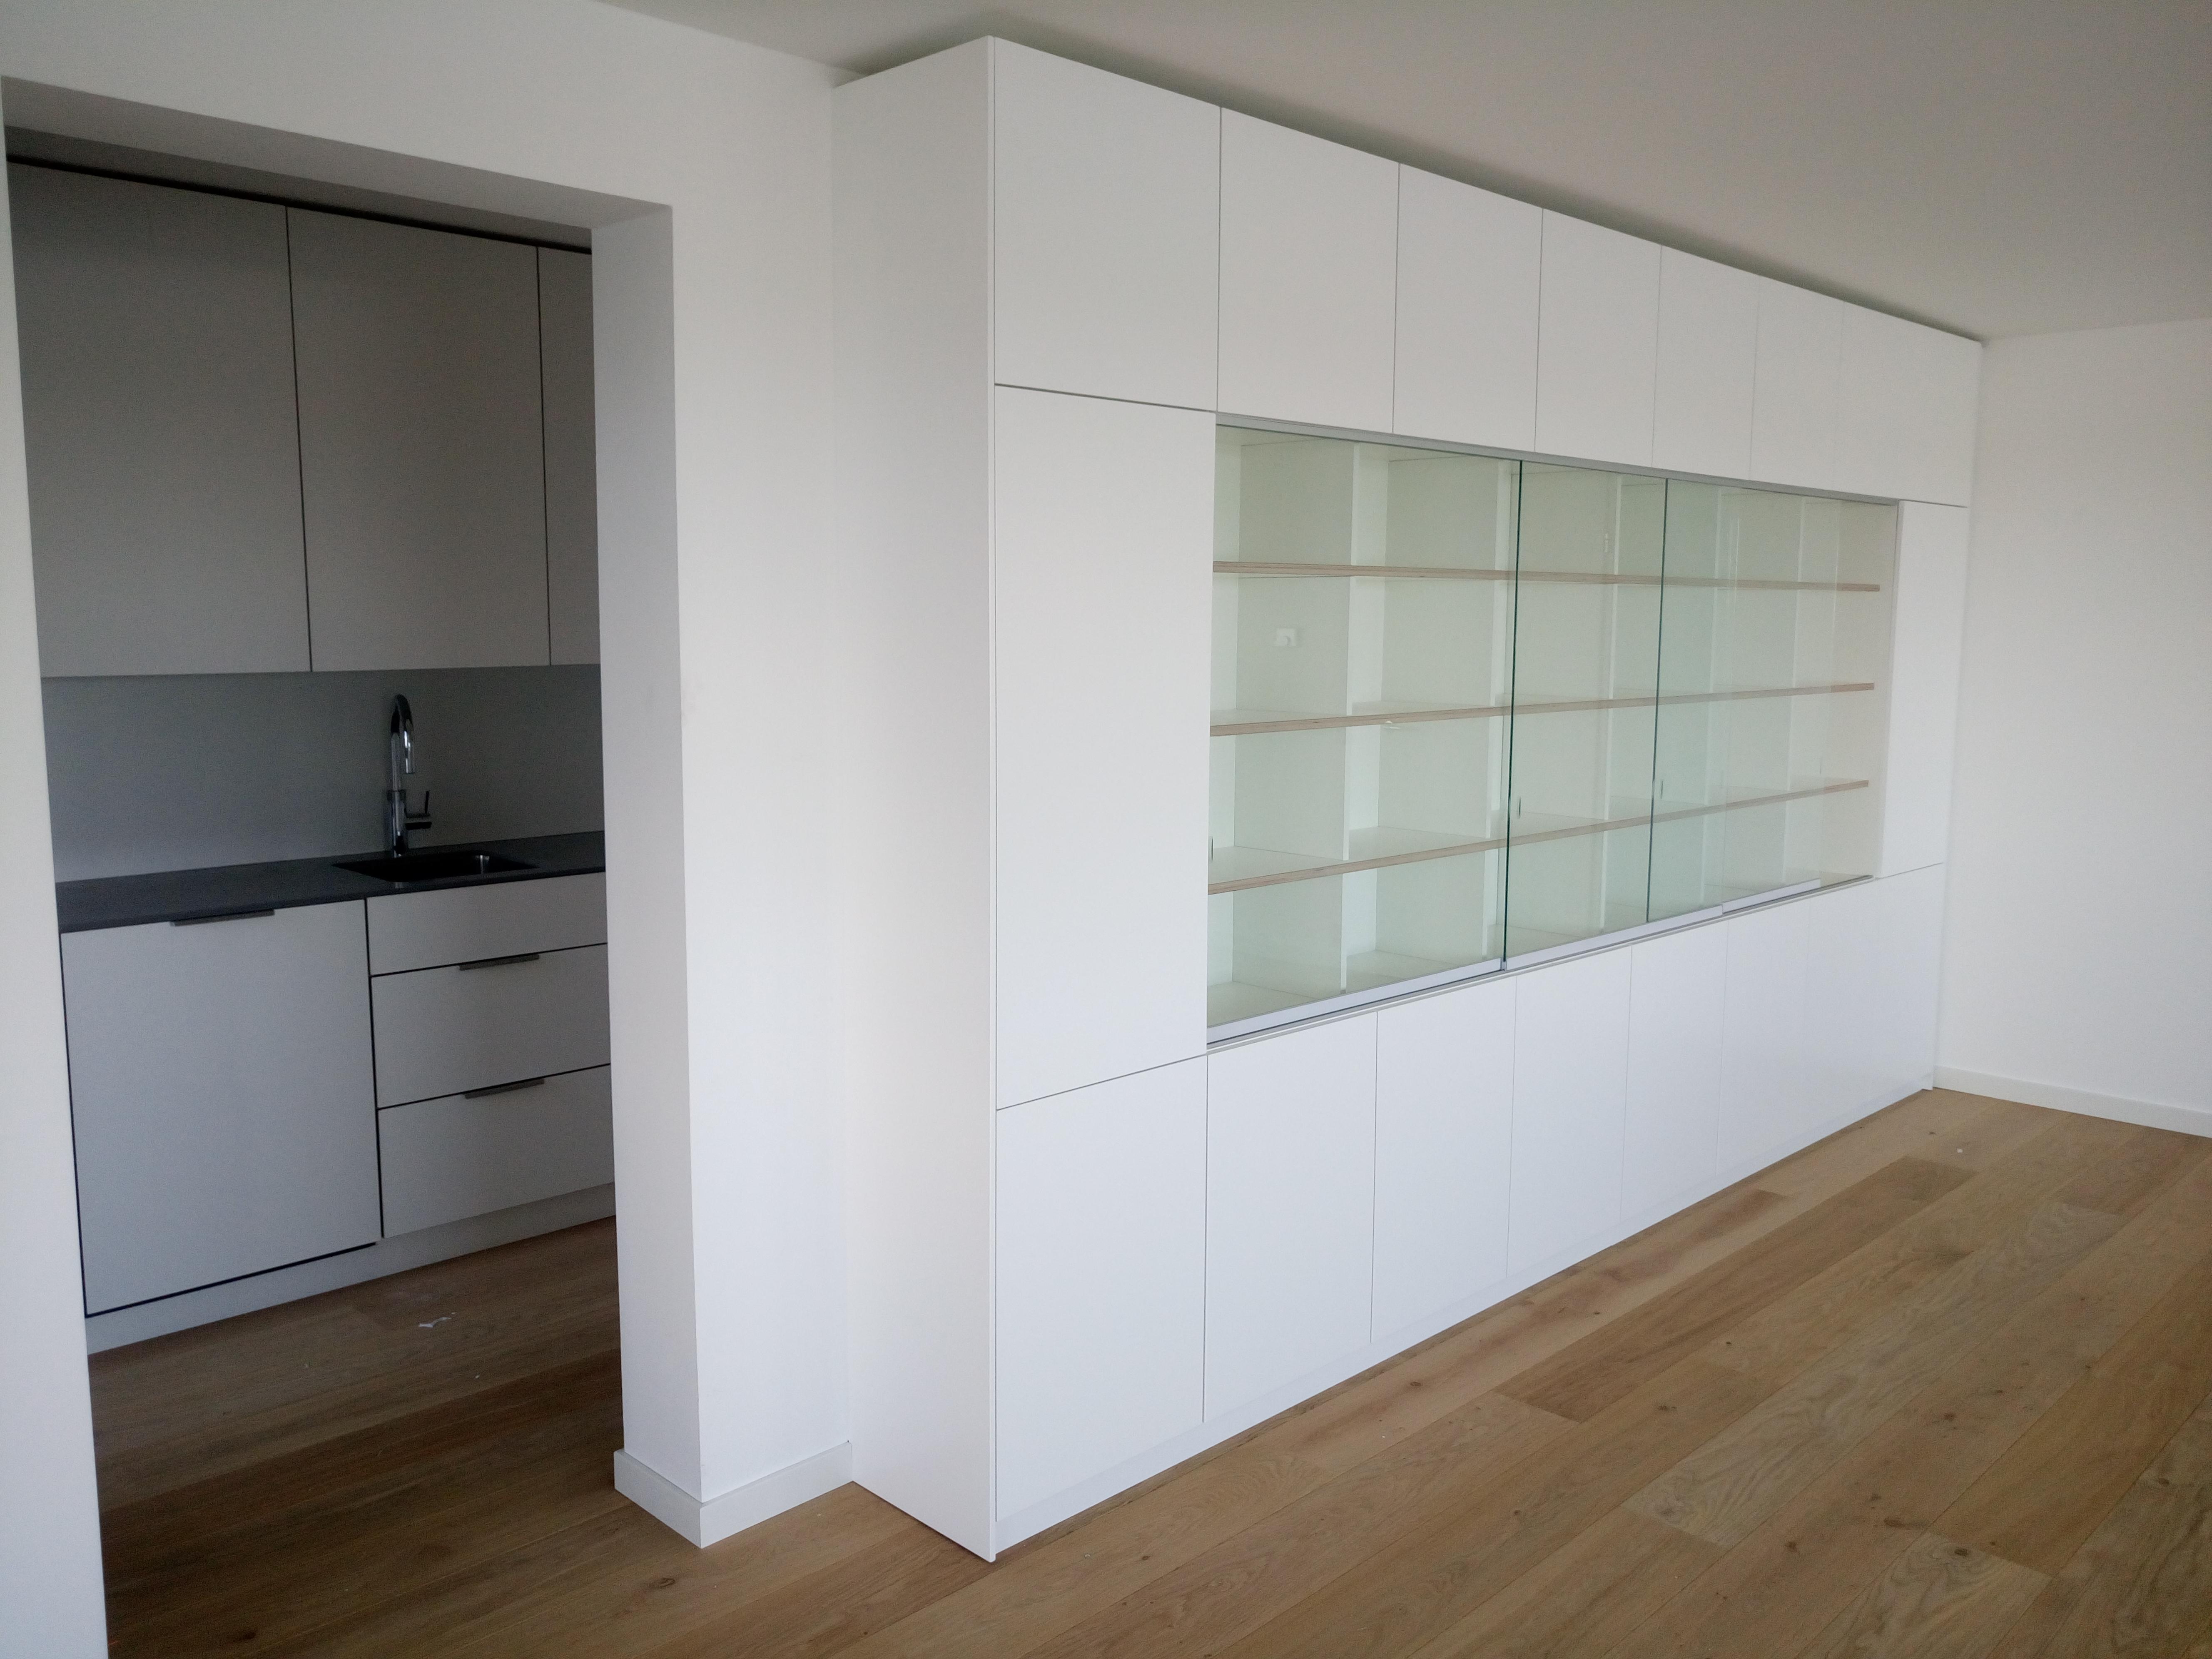 Wandkast Met Glas.Wandkast Met Glazen Schuifdeuren 2d W